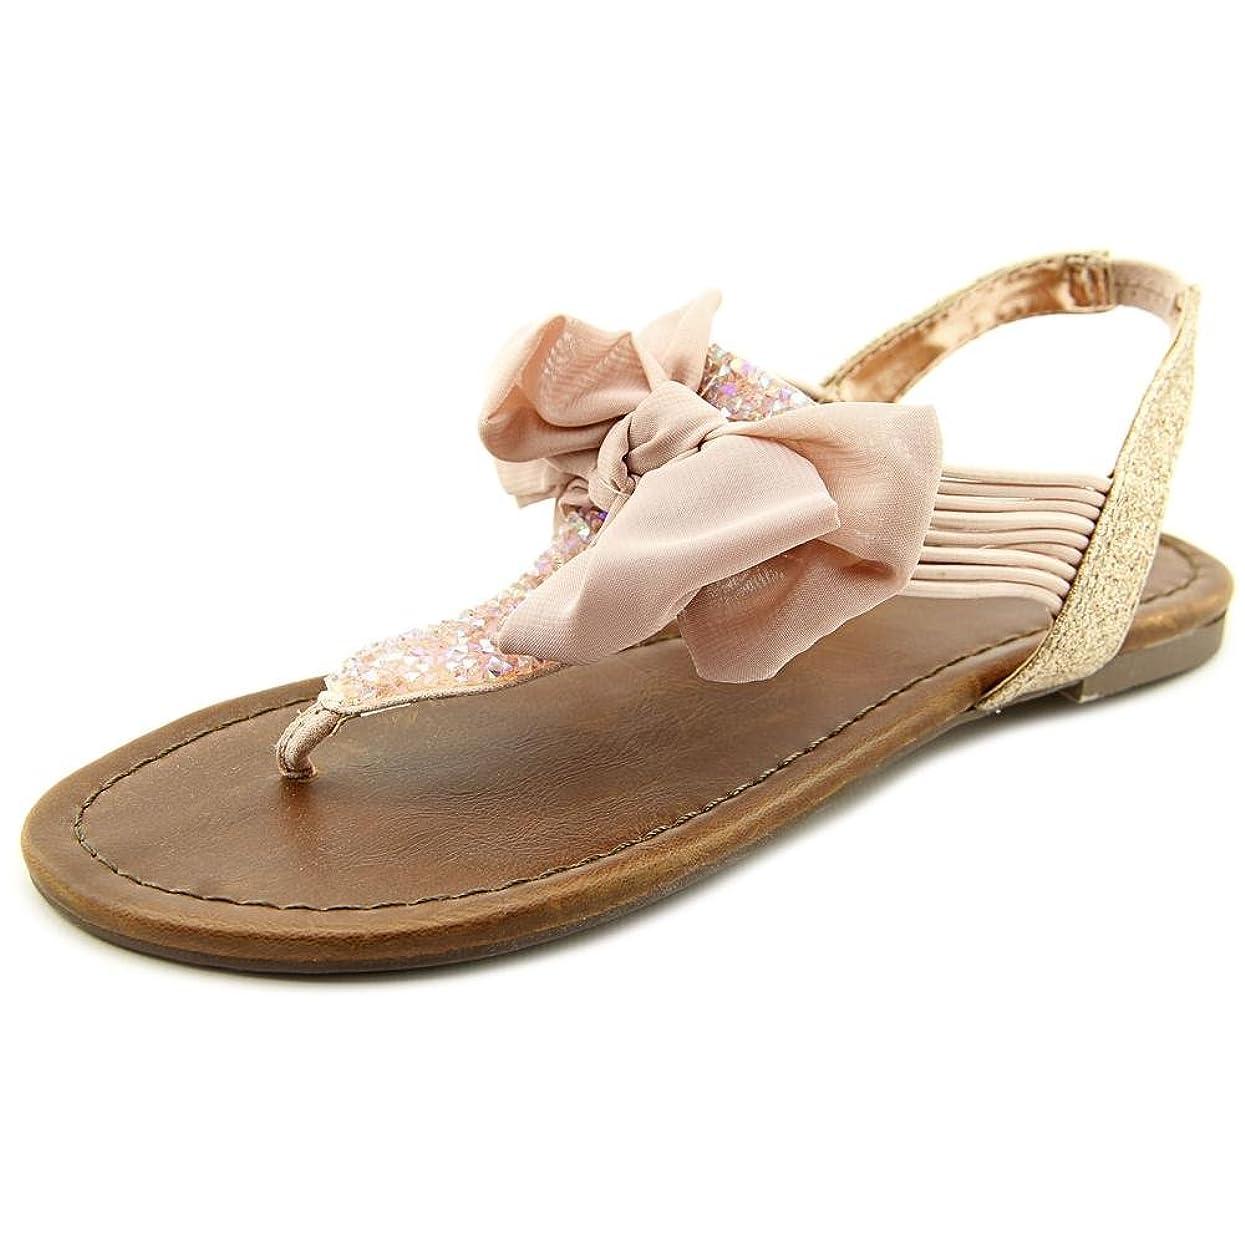 テナント授業料検索エンジンマーケティングMaterial Girl Womens Swan Split Toe Casual Flat Sandals, Pink, Size 5.5